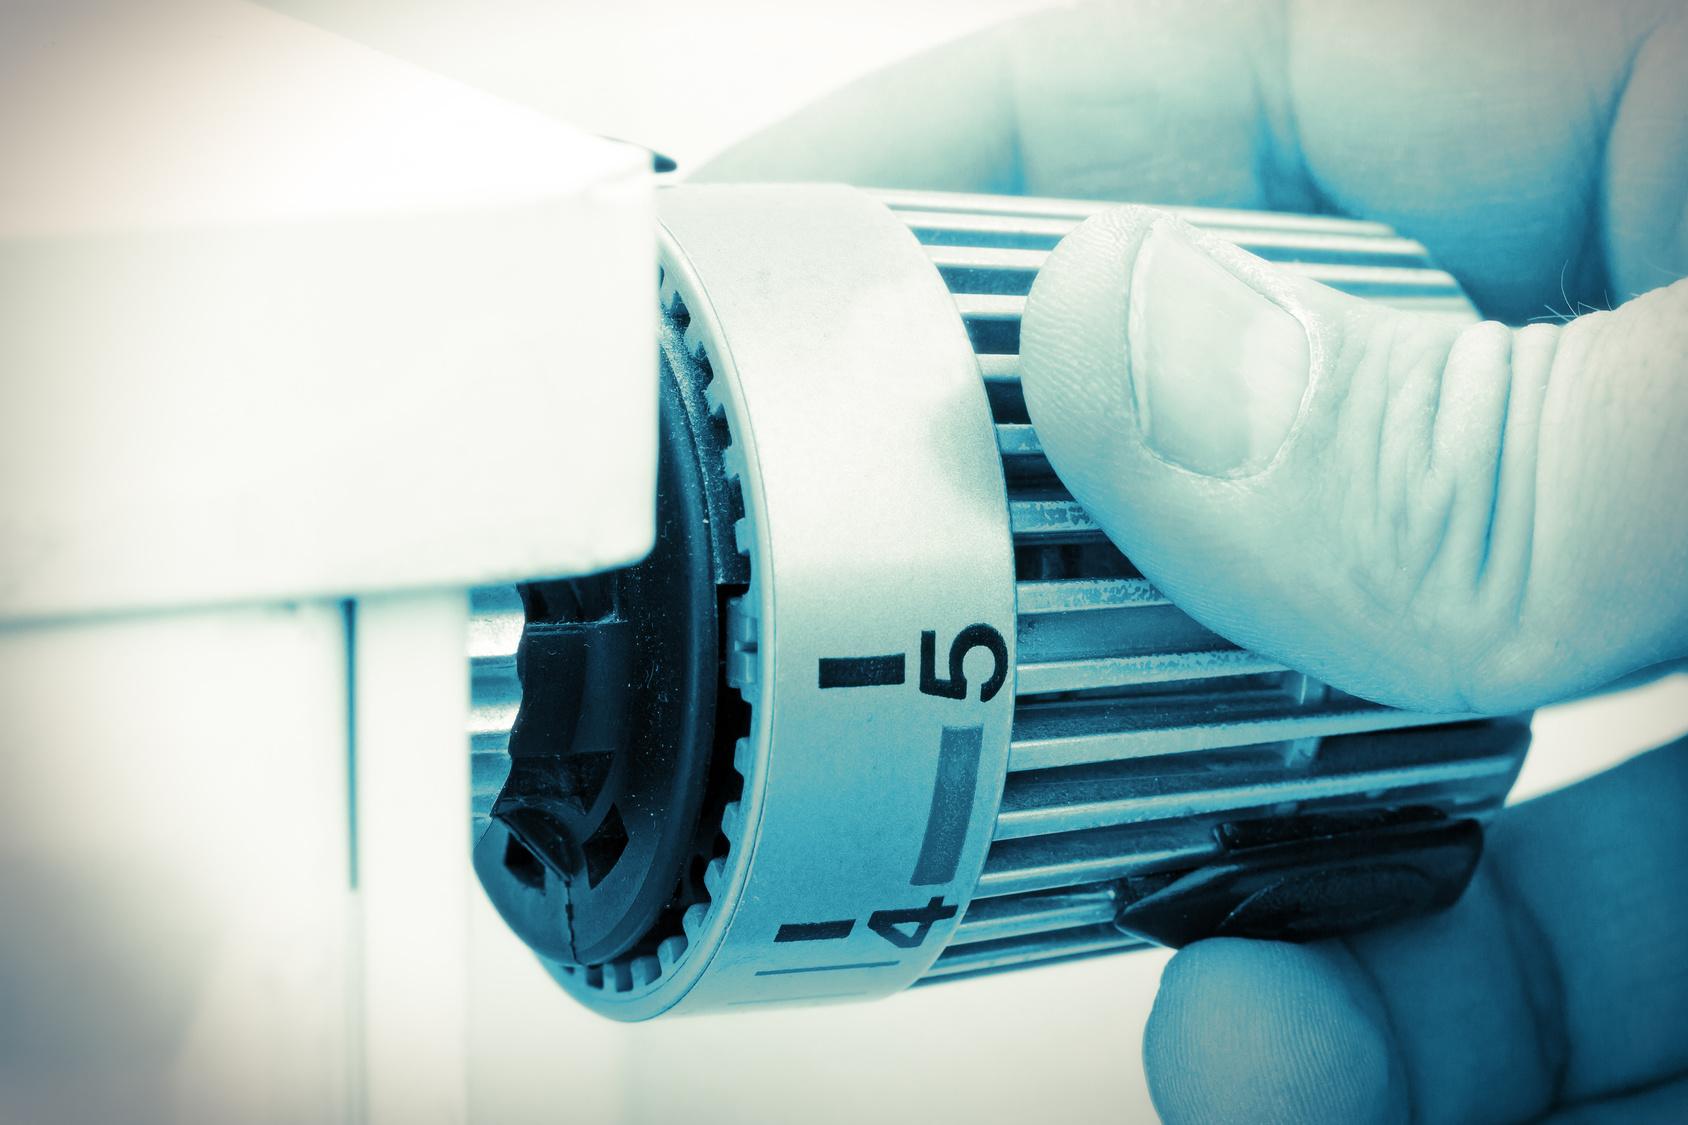 Chauffage Fuel Ou Electrique concernant chauffage : gaz, fioul, électricité ou gpl?